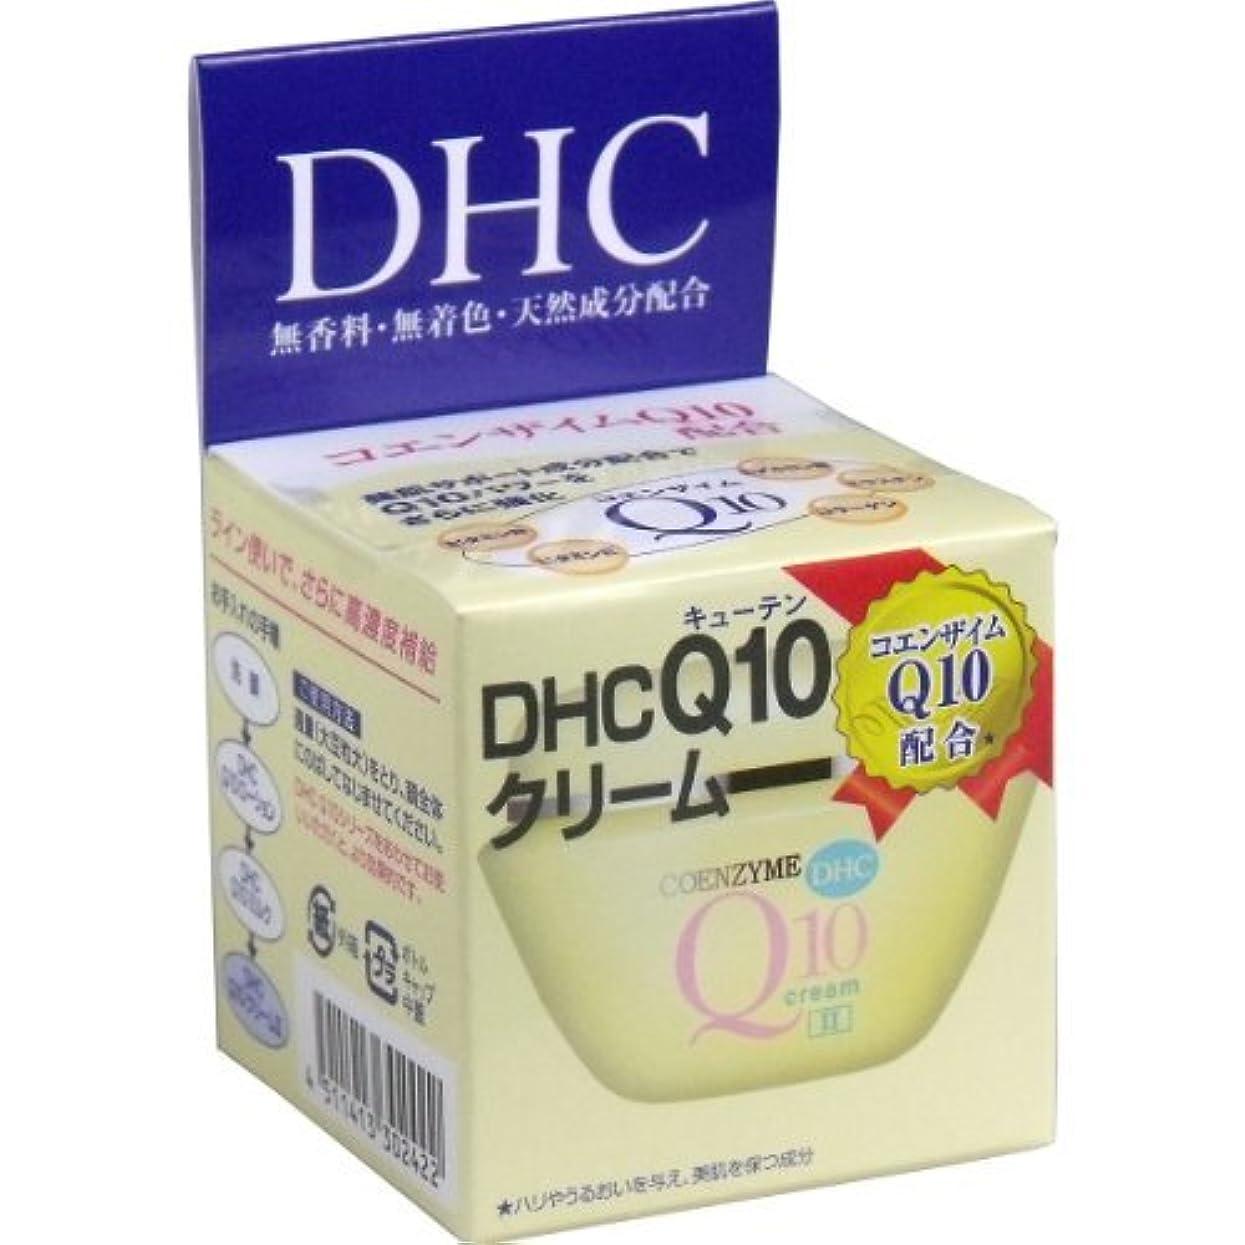 あそこ工夫するテクスチャー【DHC】DHC Q10クリーム2 (SS) 20g ×5個セット